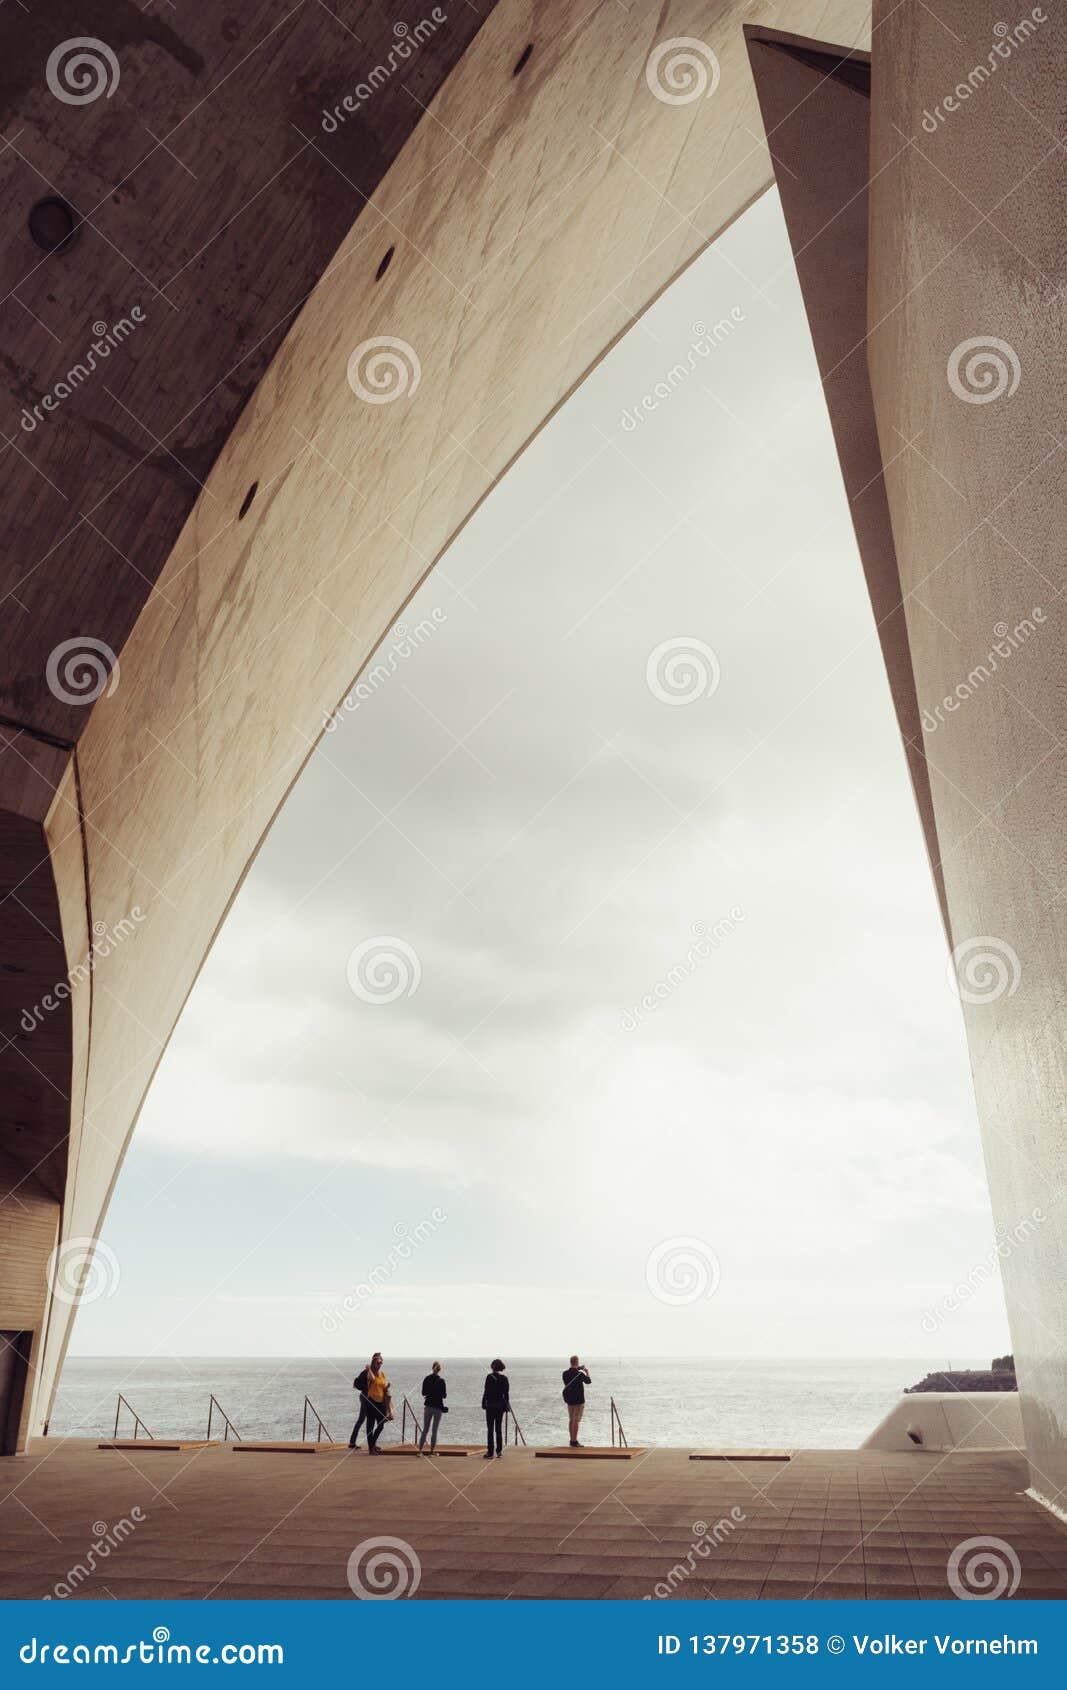 Auditorio de Tenerife, Santa Cruz de Tenerife, Espania - Oktober 26, 2018: Några besökare beundrar sikten till och med en sidopan